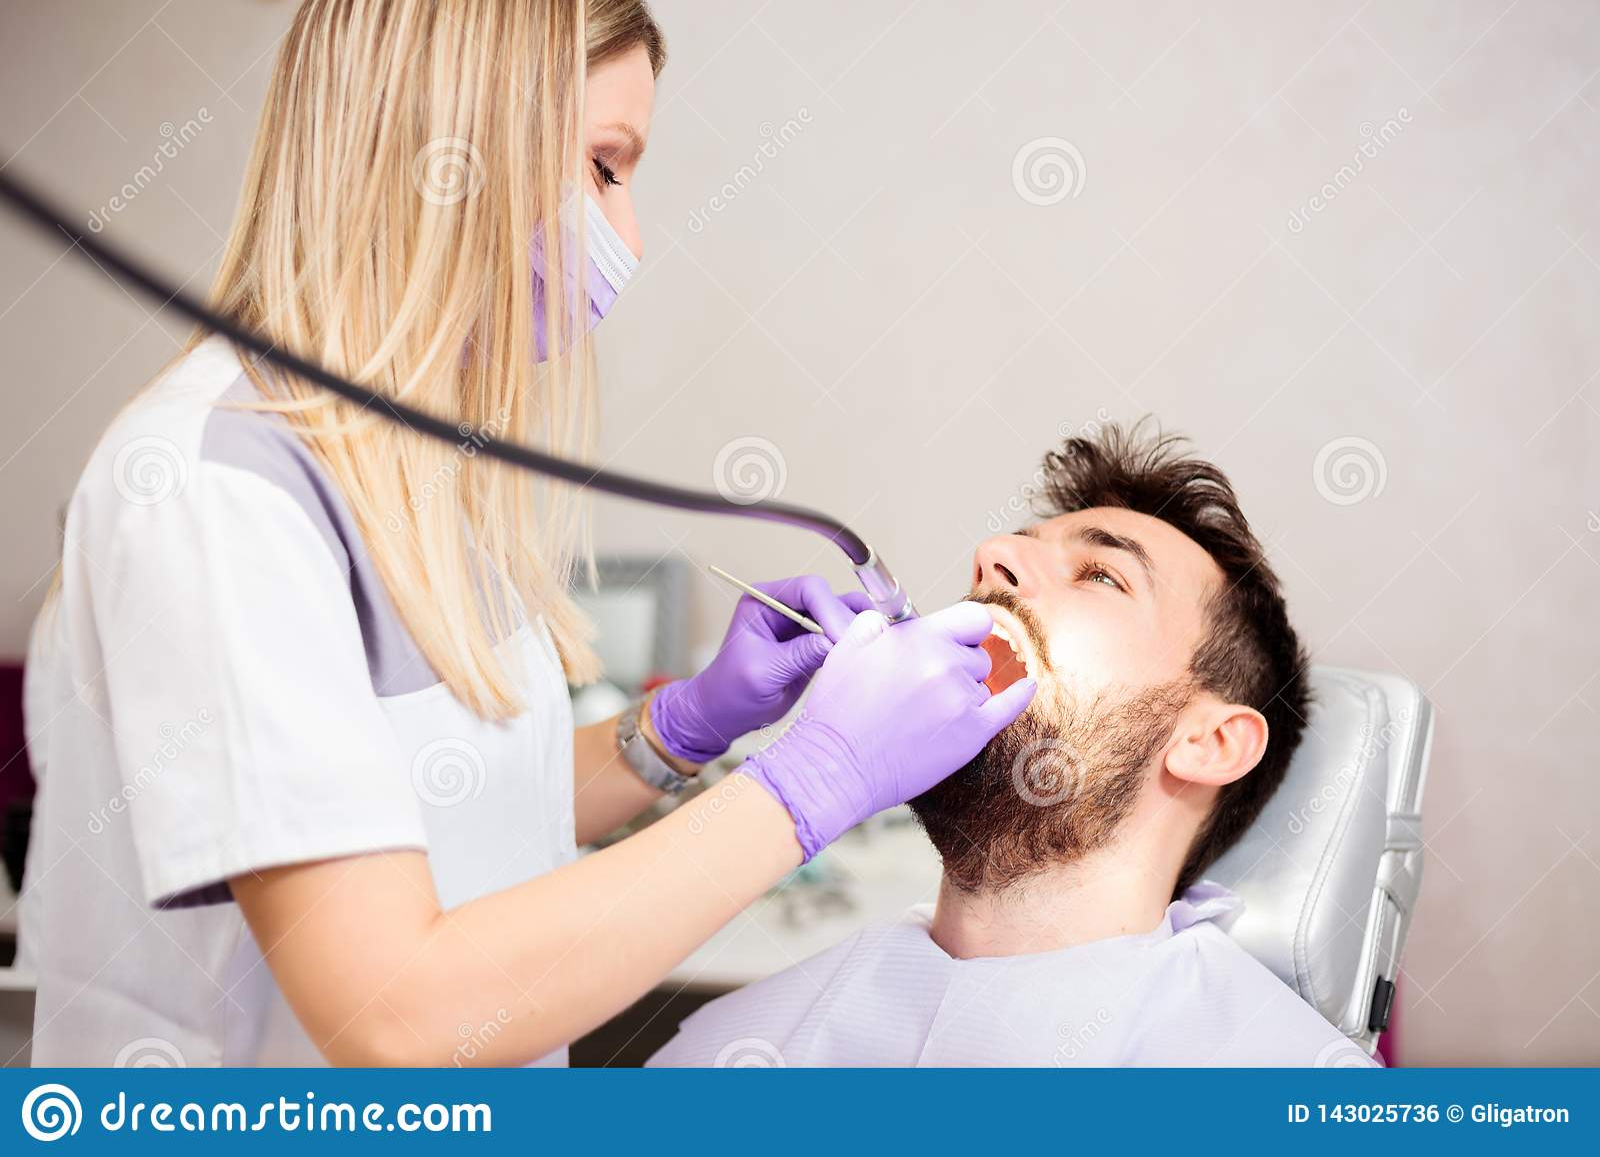 美丽的年轻女性一名年轻男性患者的牙医擦亮的牙牙齿诊所的